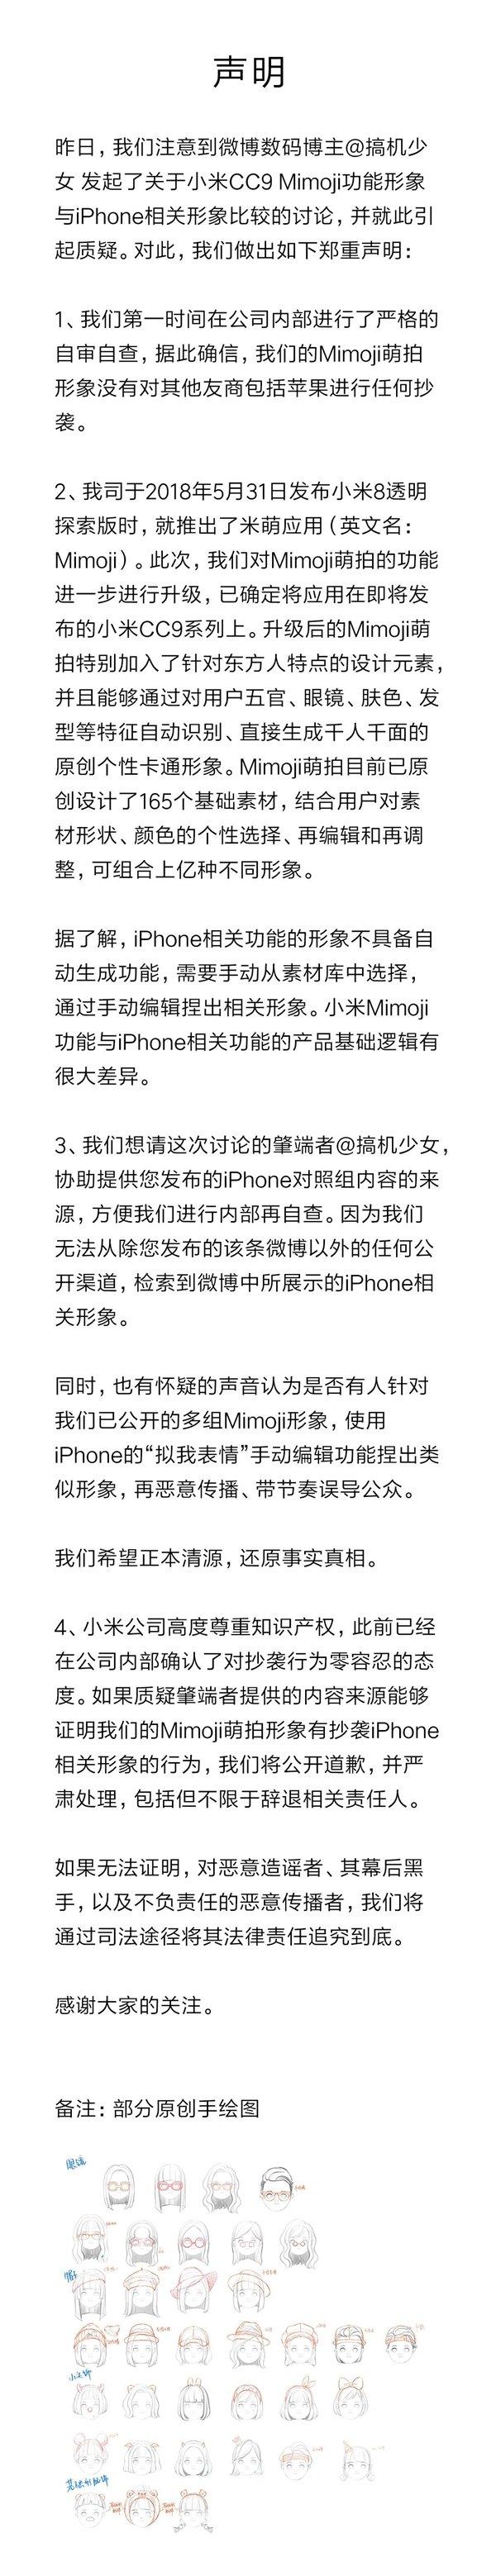 小米:小米CC9 Mimoji萌拍没有抄袭iPhone